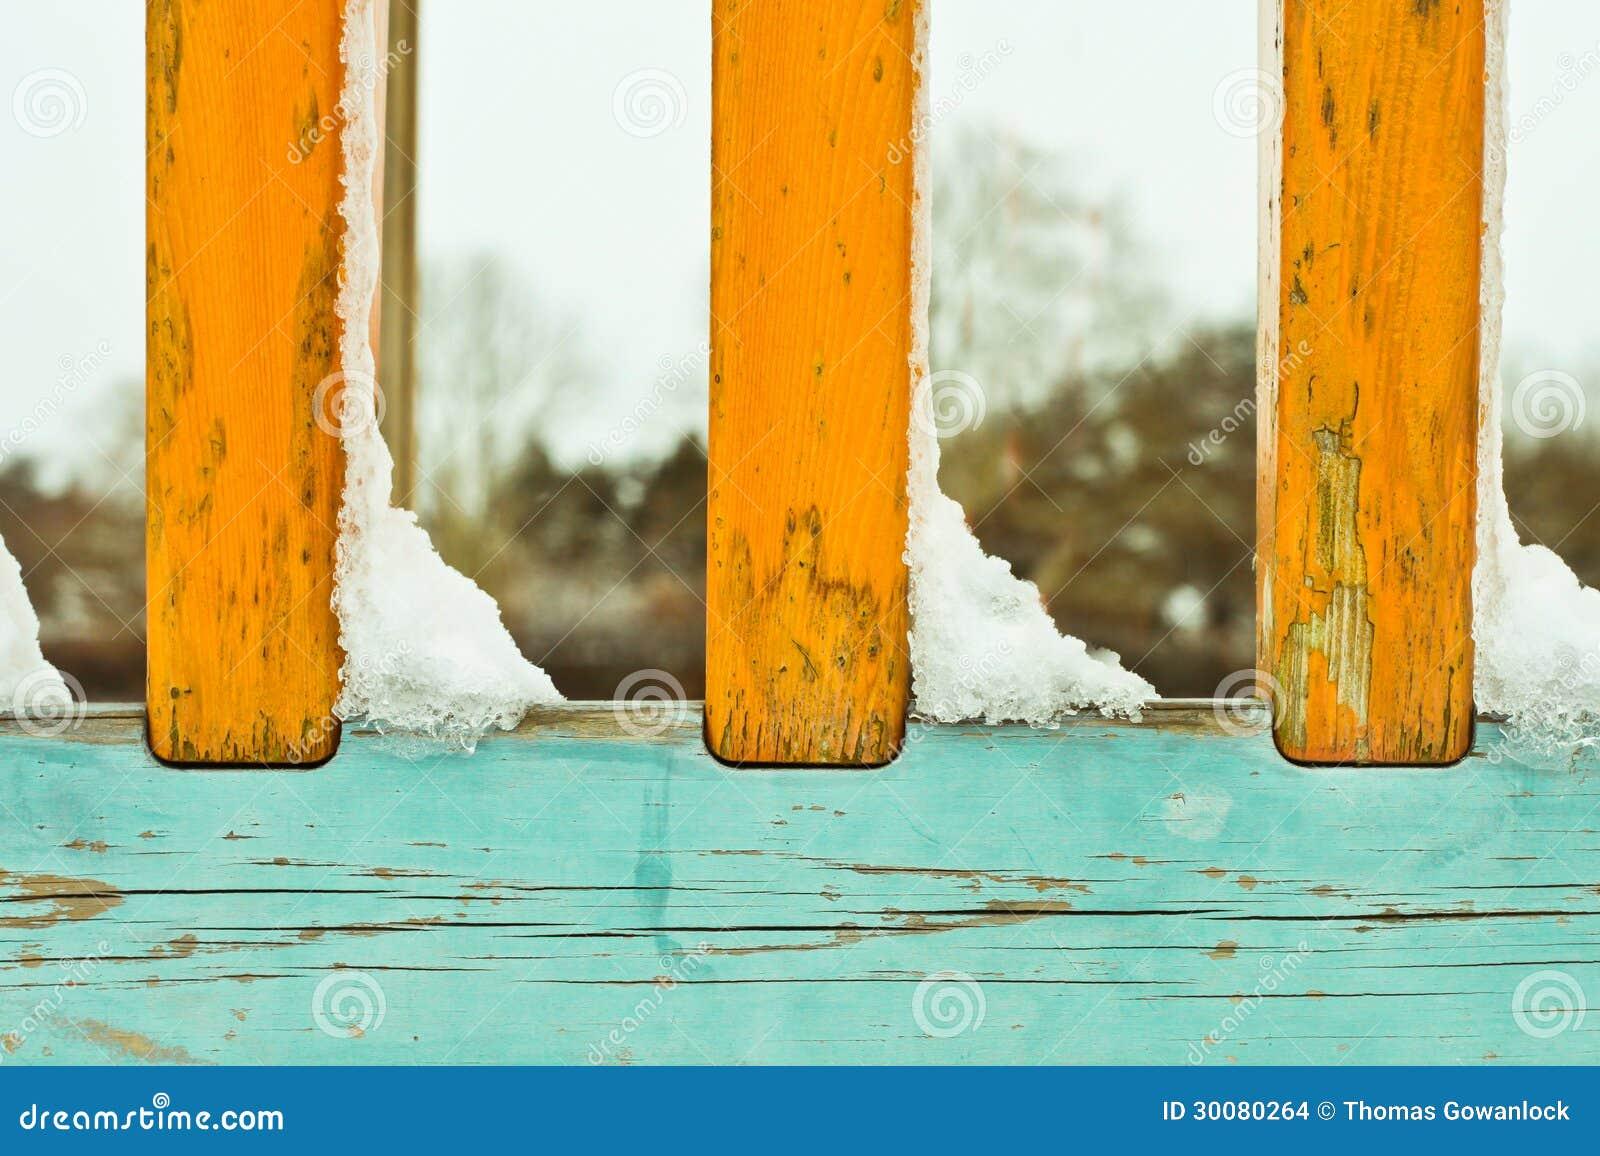 Nieve en las verjas foto de archivo imagen de desviaci n 30080264 - Verjas de madera para jardin ...